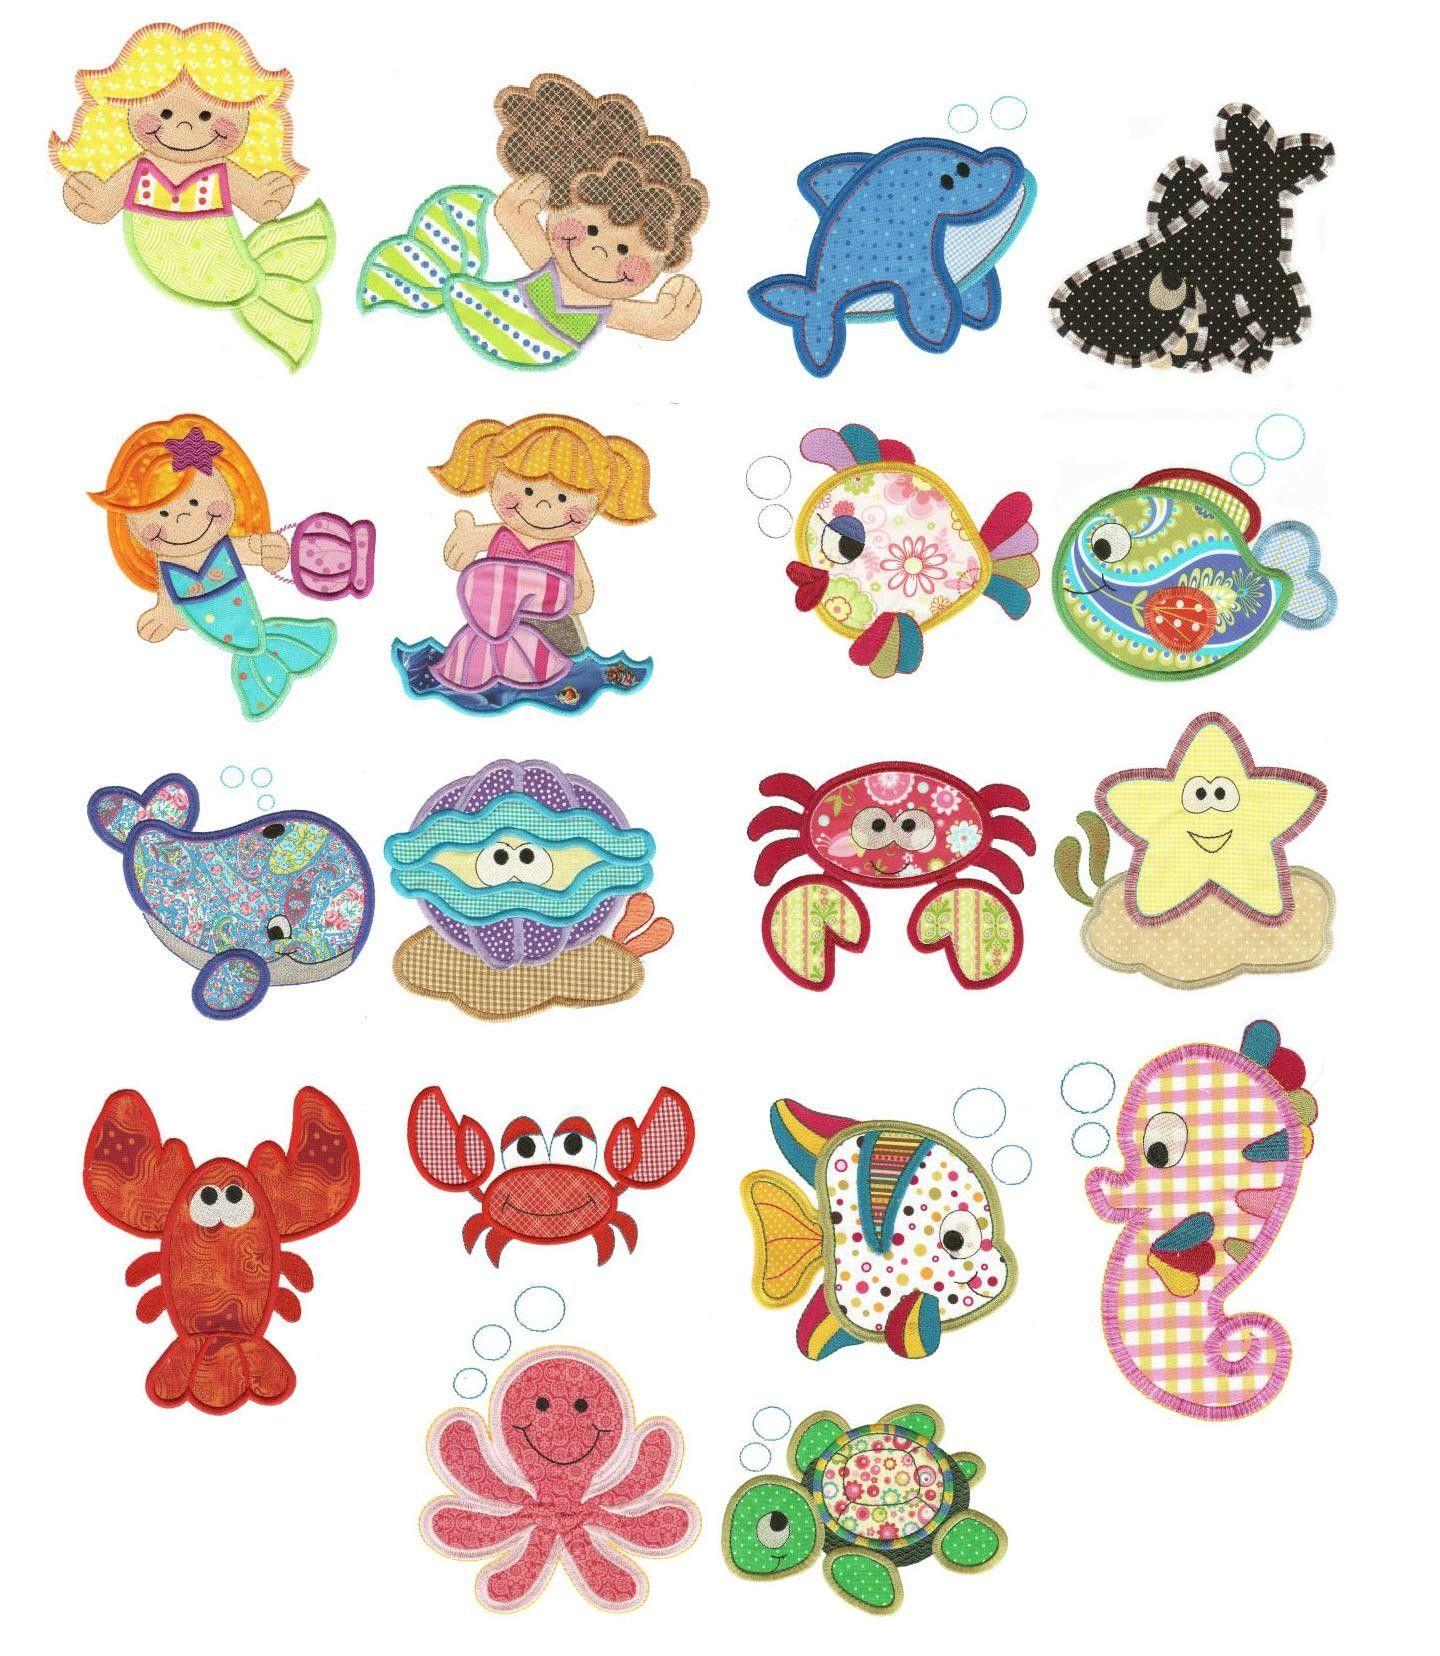 Under the sea applique machine embroidery designs designs by under the sea applique machine embroidery designs designs by juju bankloansurffo Gallery